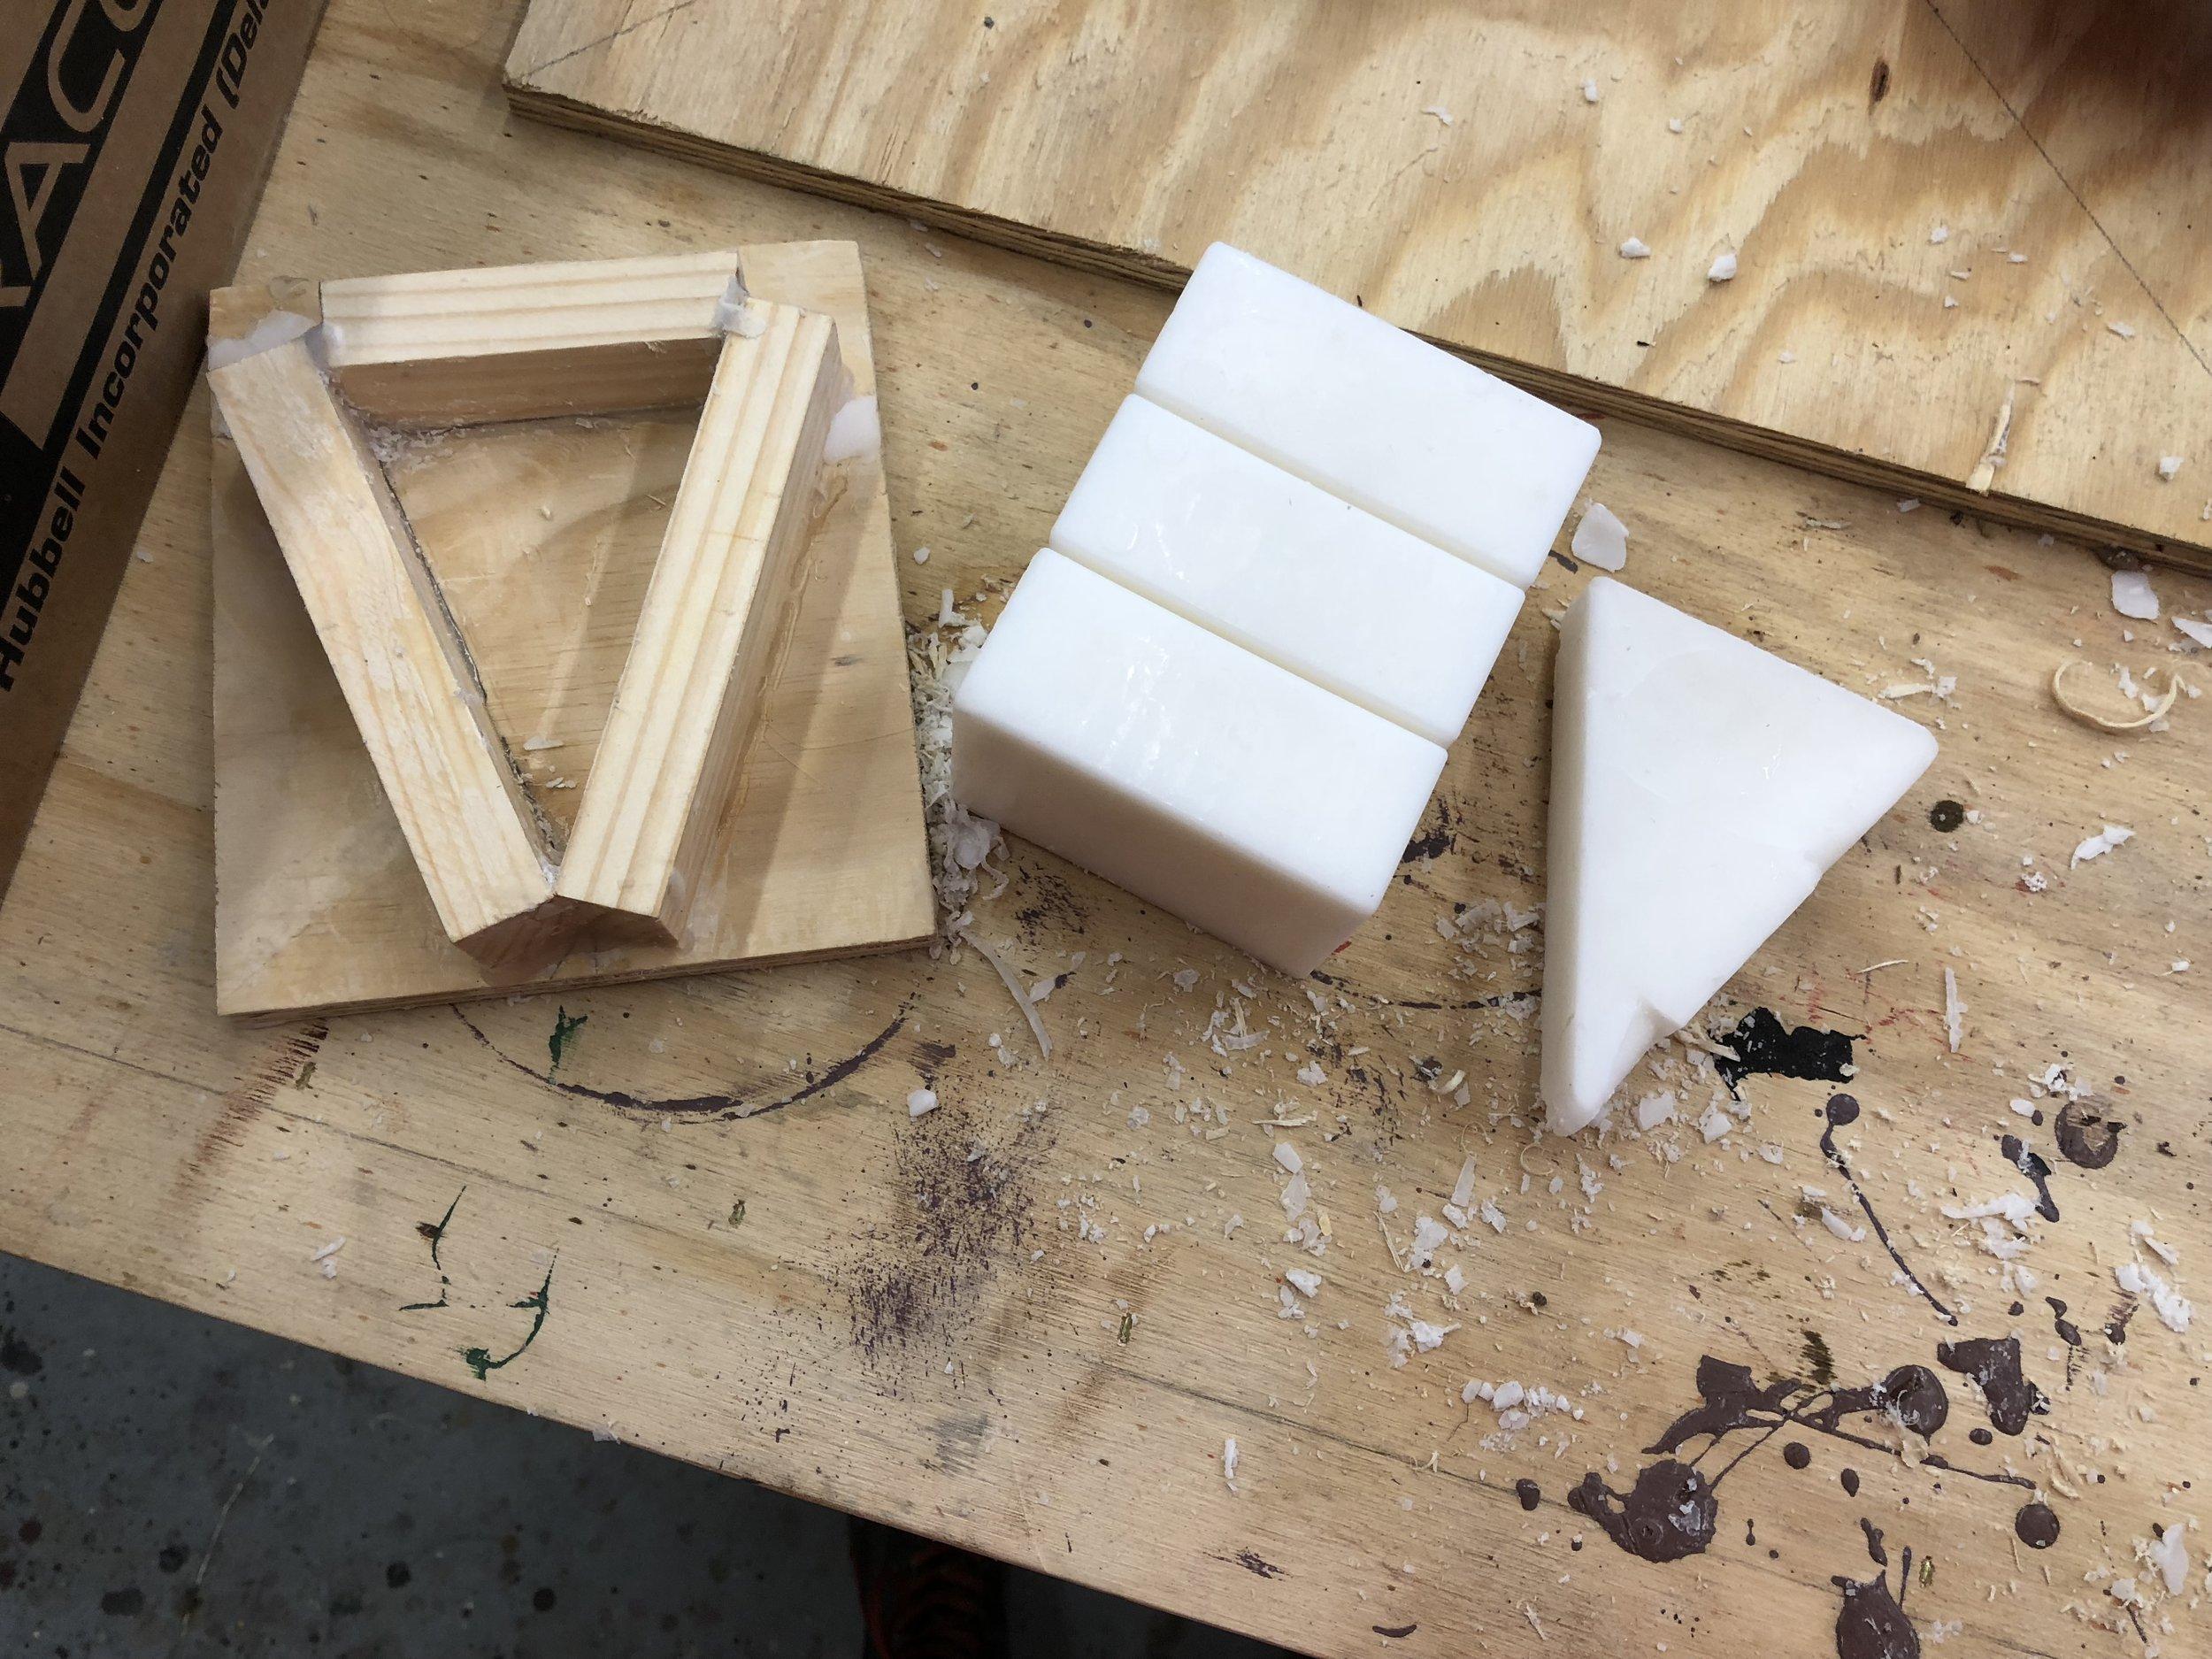 Craft Wax and Wax Mold